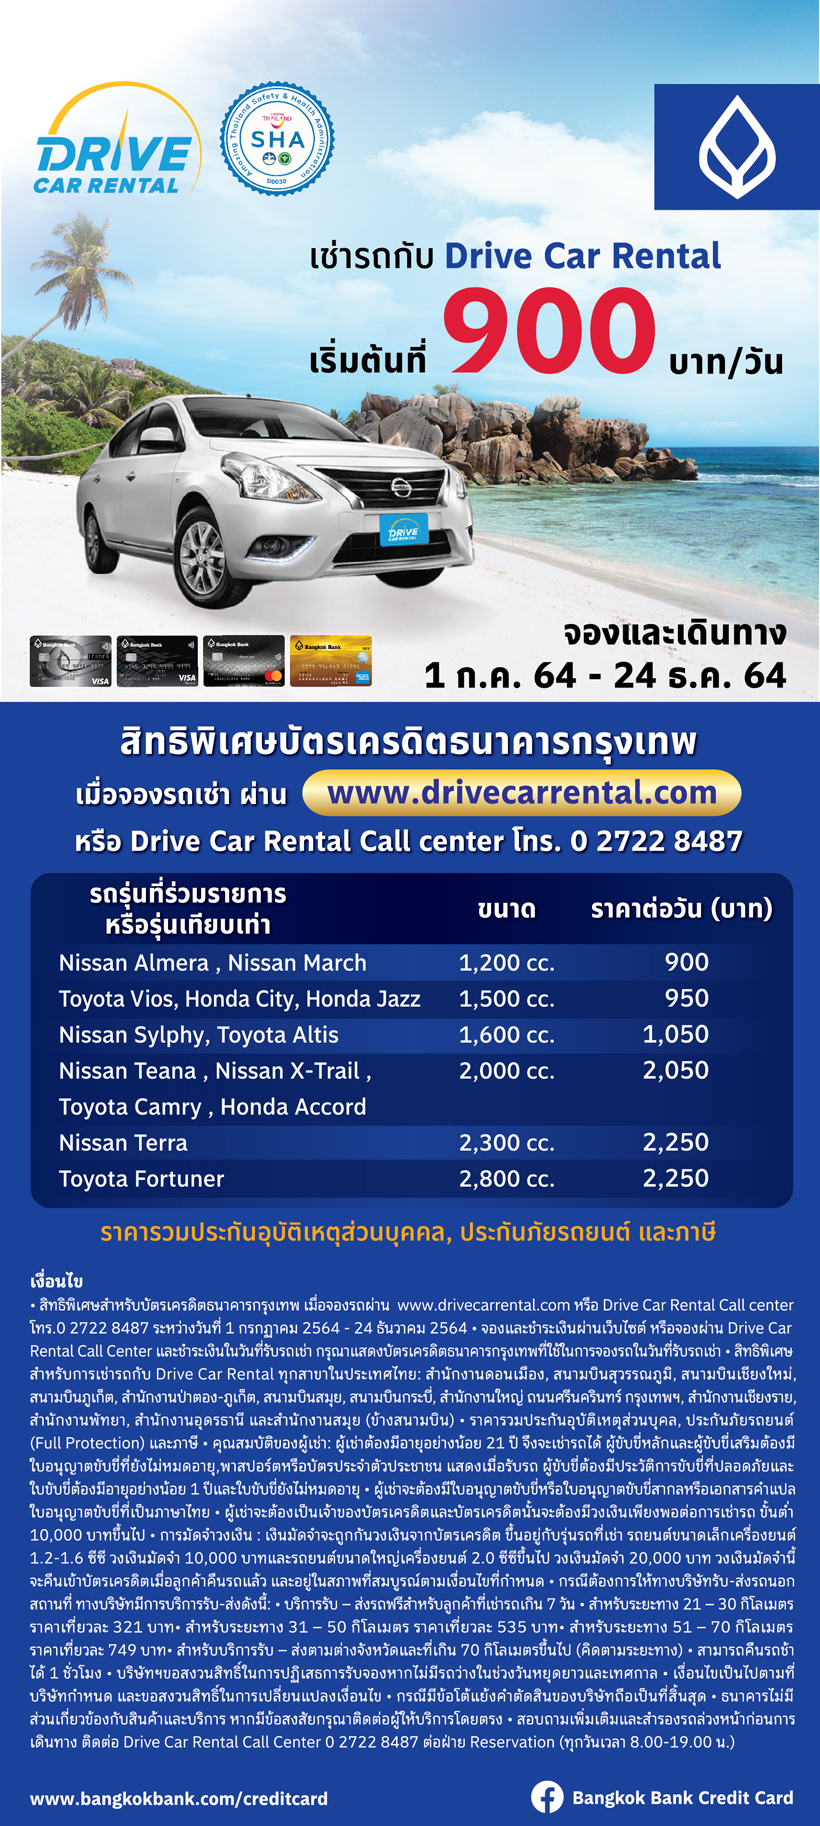 Bangkokbank-Drivecarrental-SpecialPromotion-2021-Bualuang